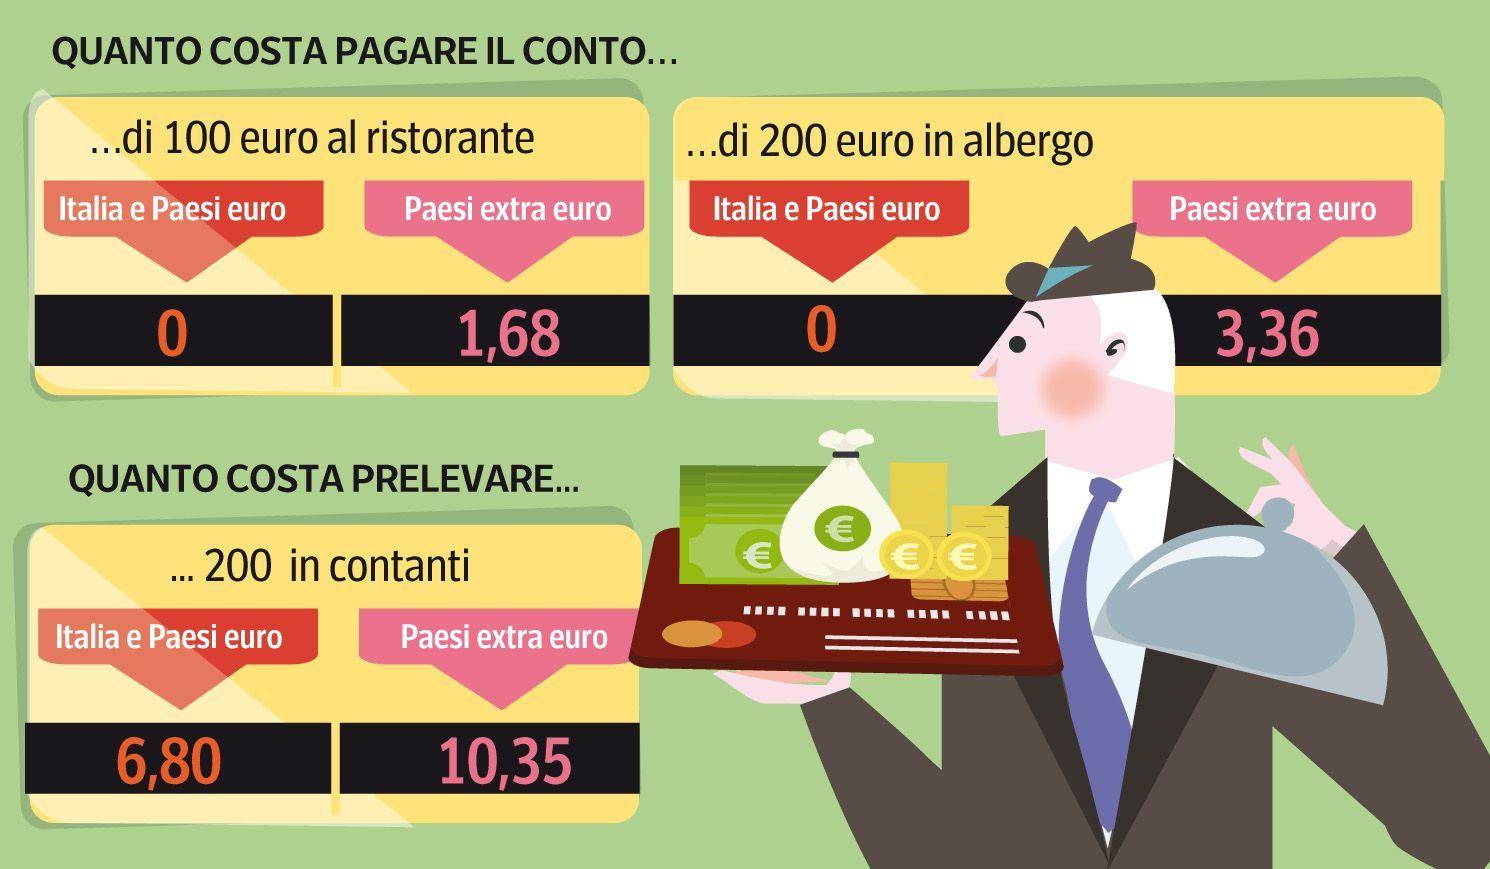 Carte di credito: occhio ai prelievi All'estero possono costare 10 euro - Corriere.it